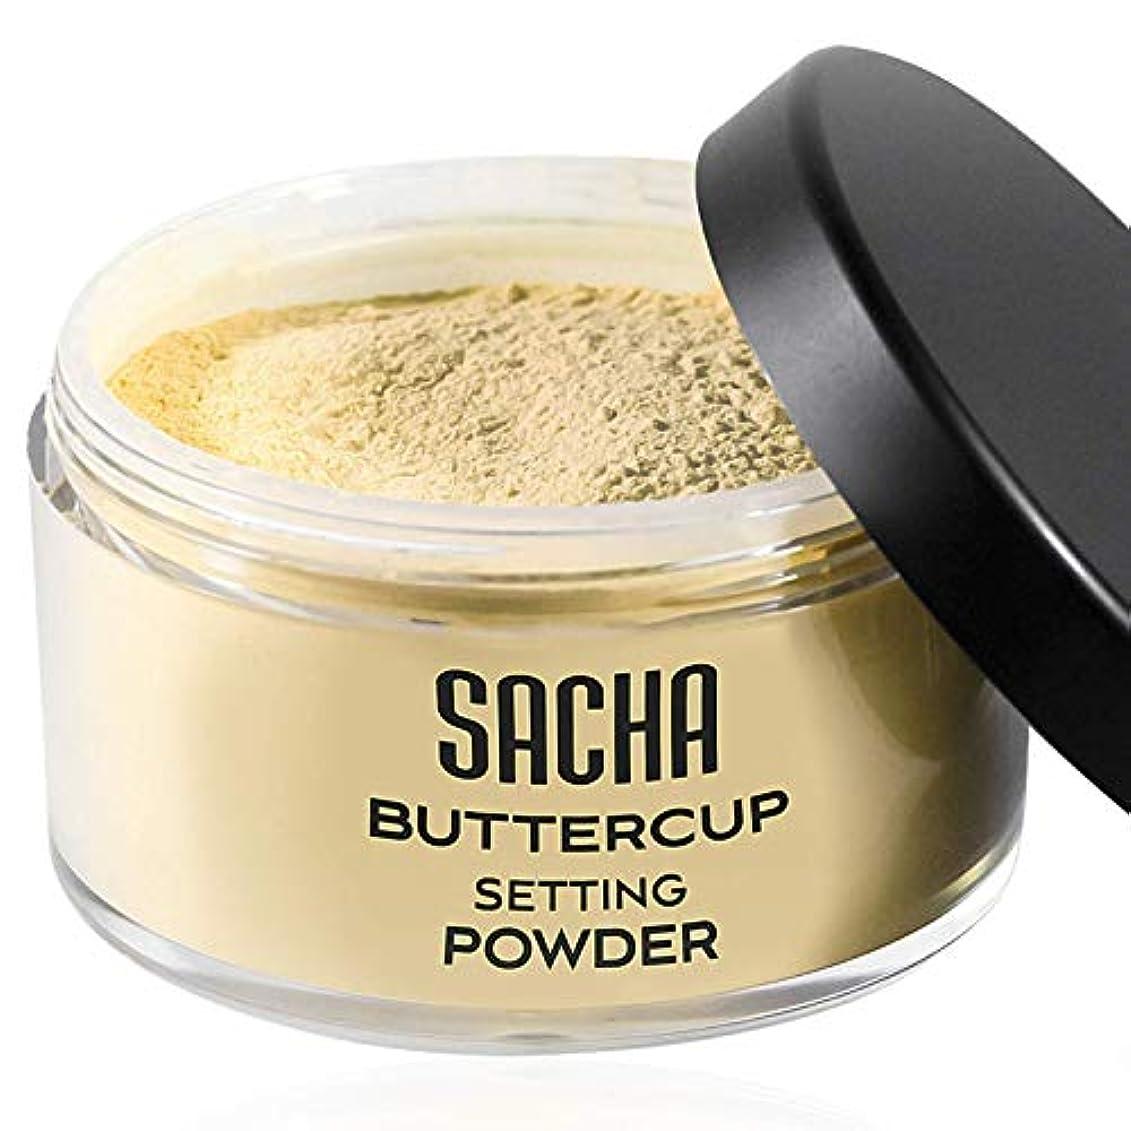 増強する免除する印象的Sacha Cosmetics バターカップライトパウダー、最高半透明ルースフェイス仕上げパウダーメイクアップファンデーション用セッチング完璧仕上げ用、ライトからミディアムスキントーン、1.25 オンス バターカップライト